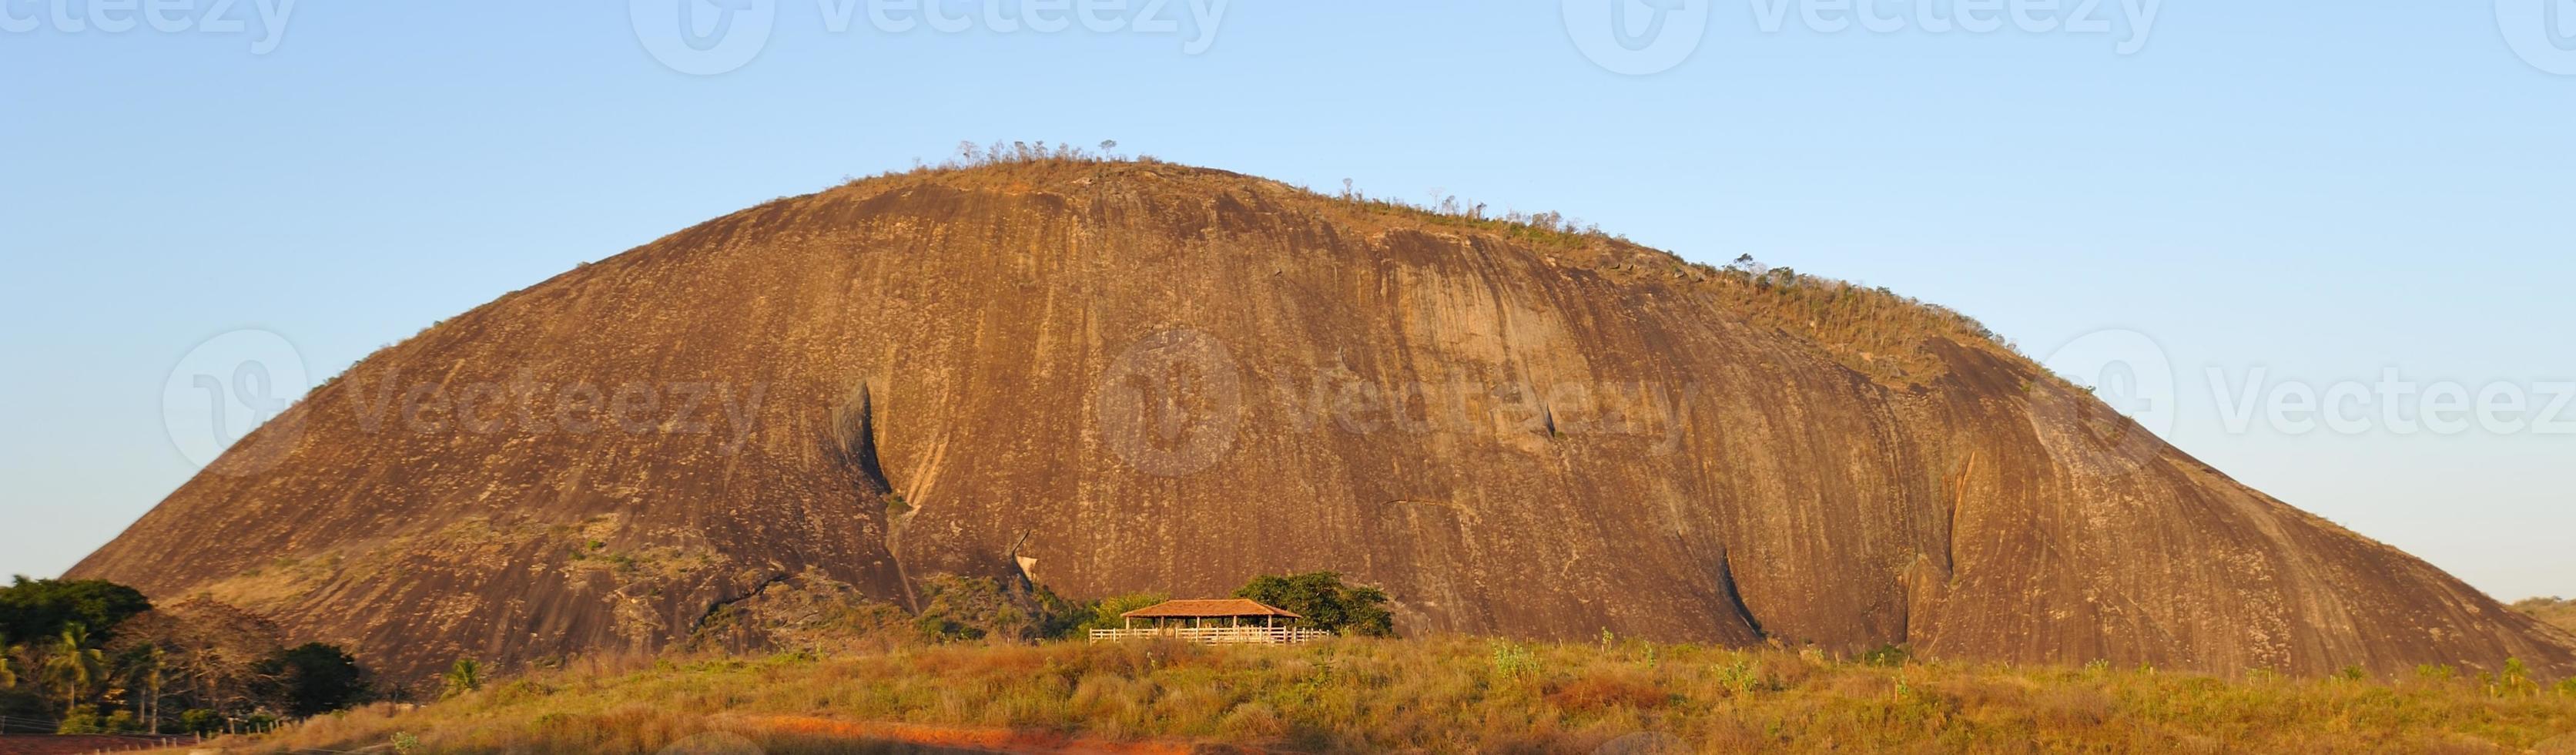 Rock at river Rio Doce in Brazil photo